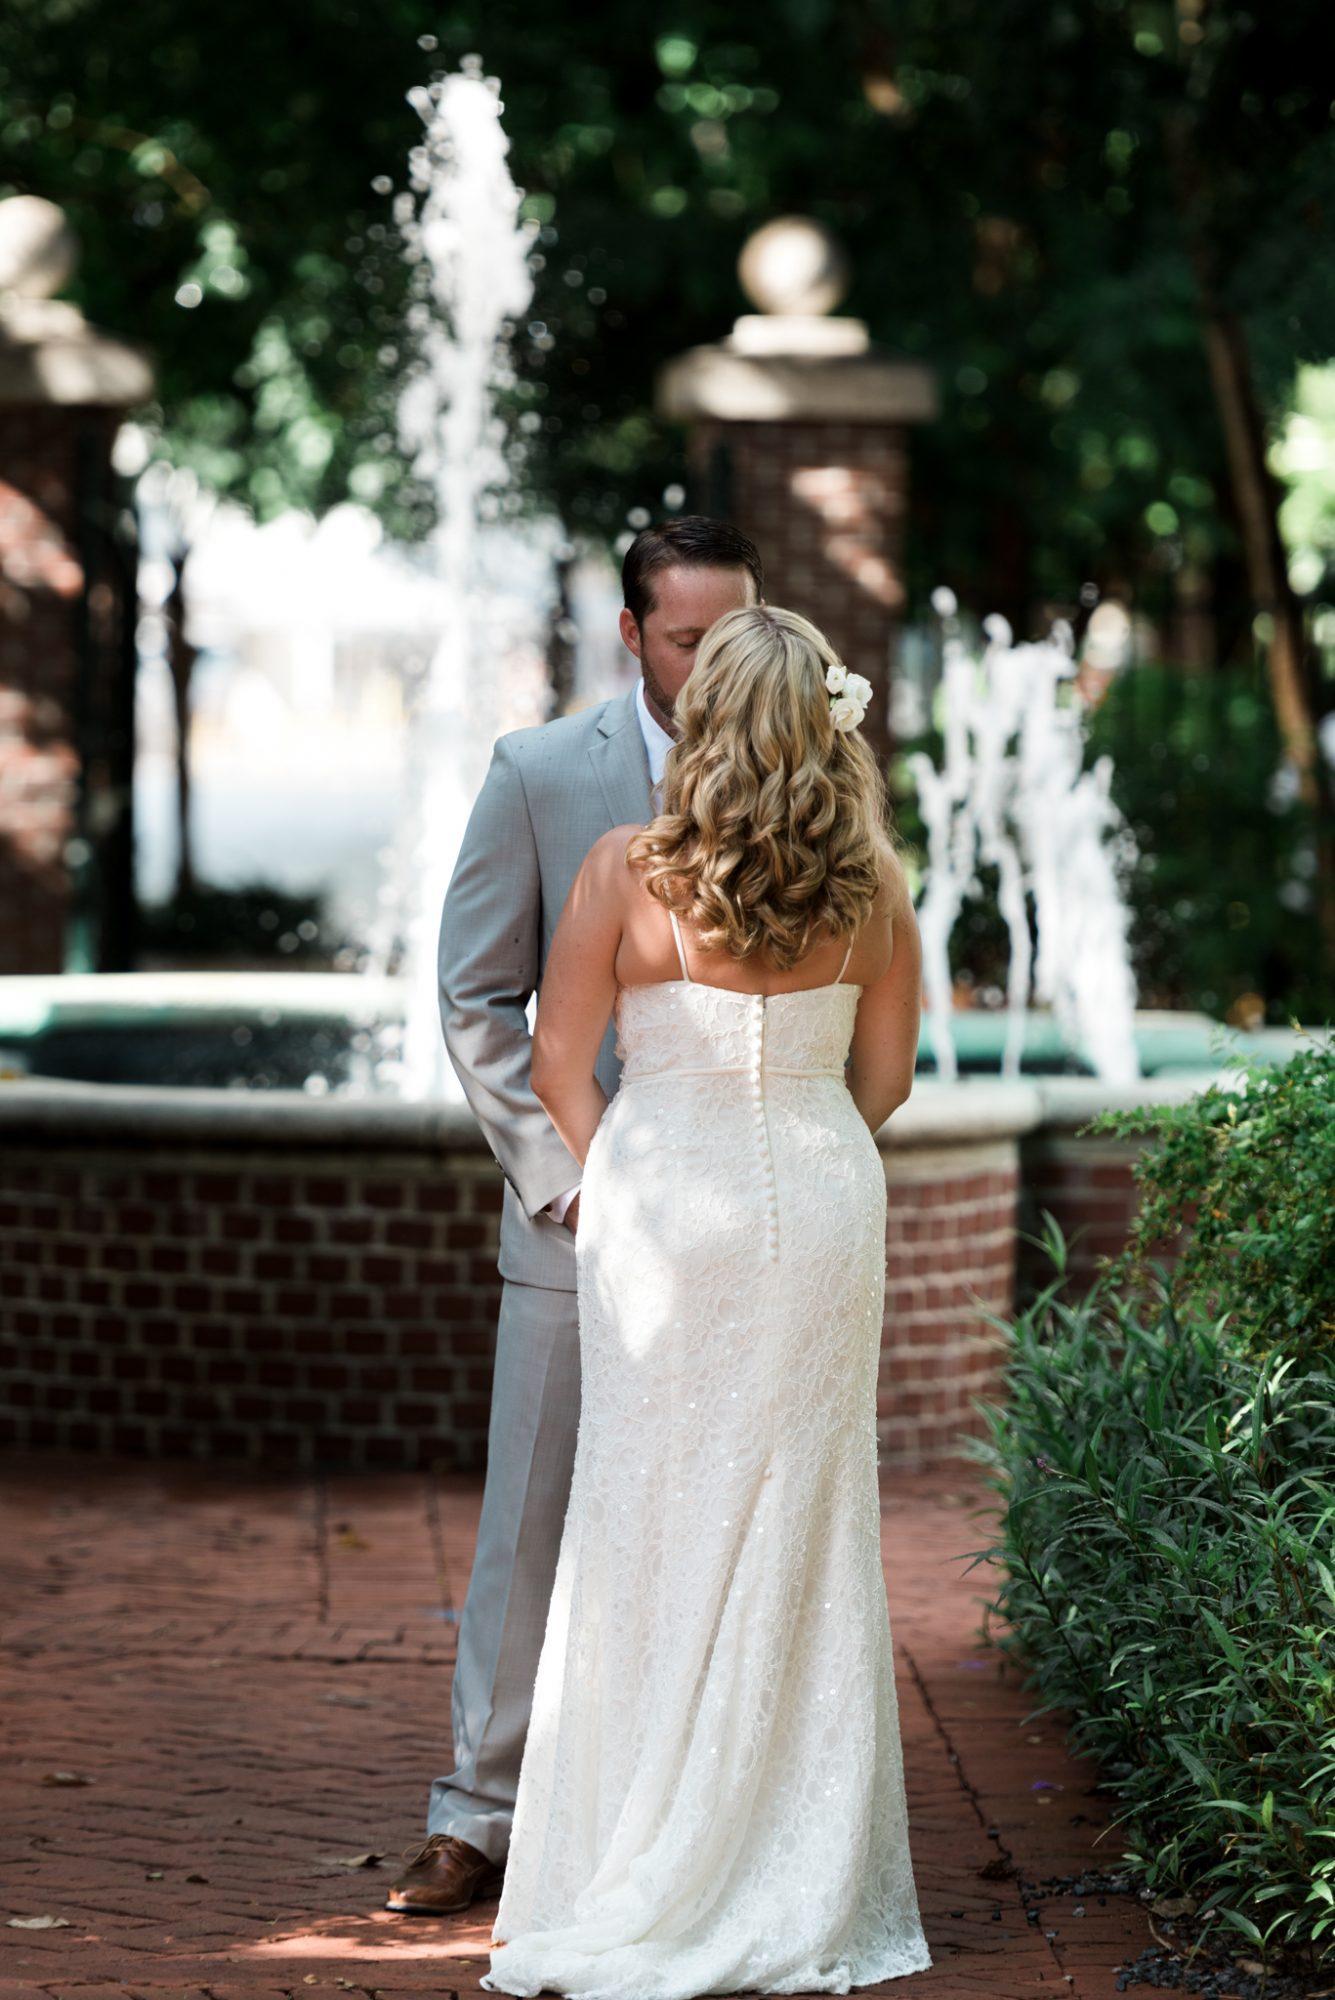 Colleen Jonathan Audubon House Wedding Key West 23 - Colleen & Jonathon | Audubon House and Gardens | Key West Wedding